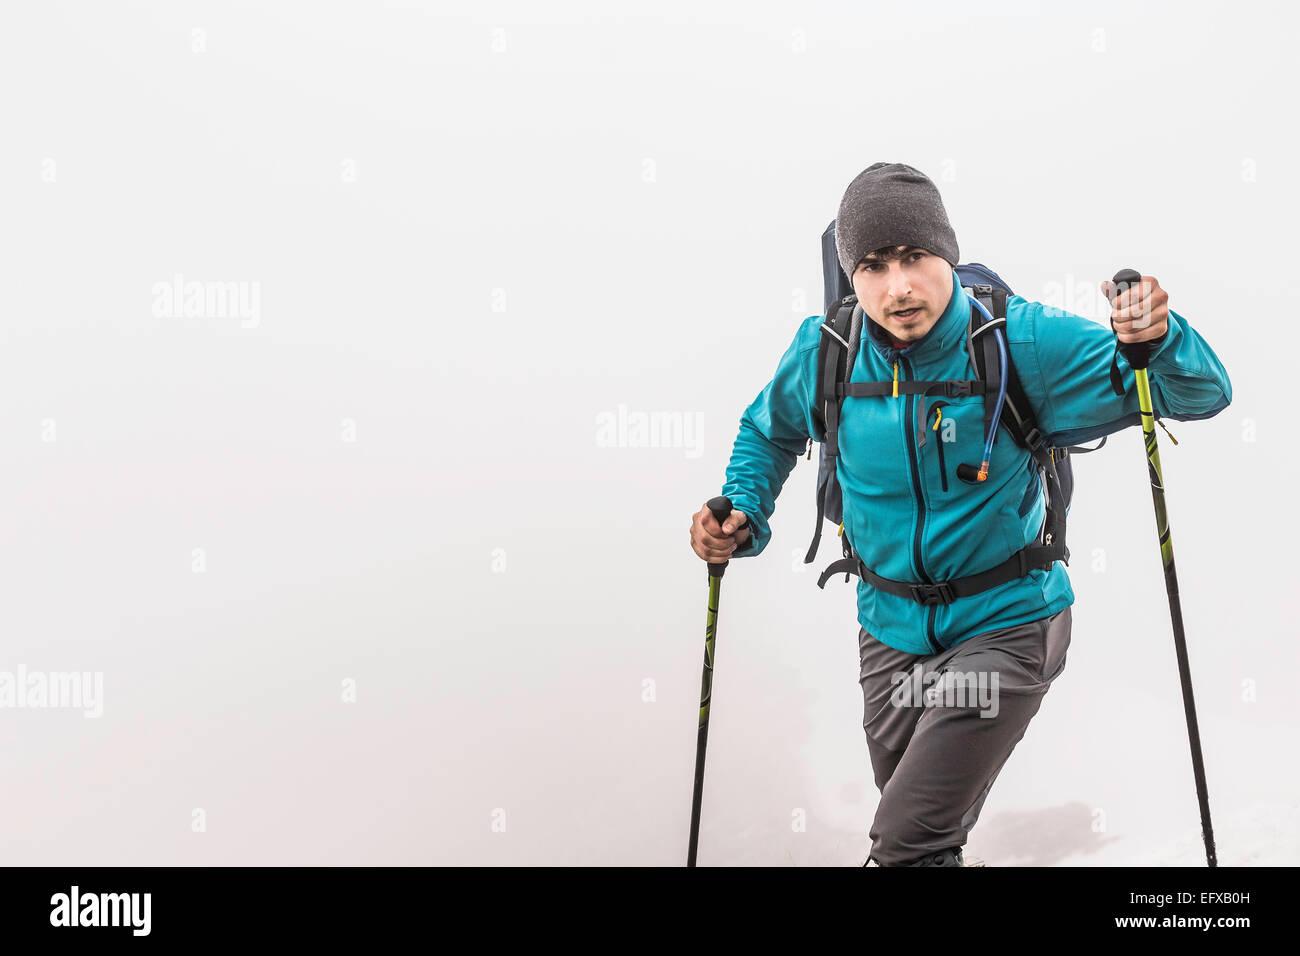 Joven en la niebla, trekking de montaña de los Alpes bávaros, Oberstdorf, Baviera, Alemania Imagen De Stock